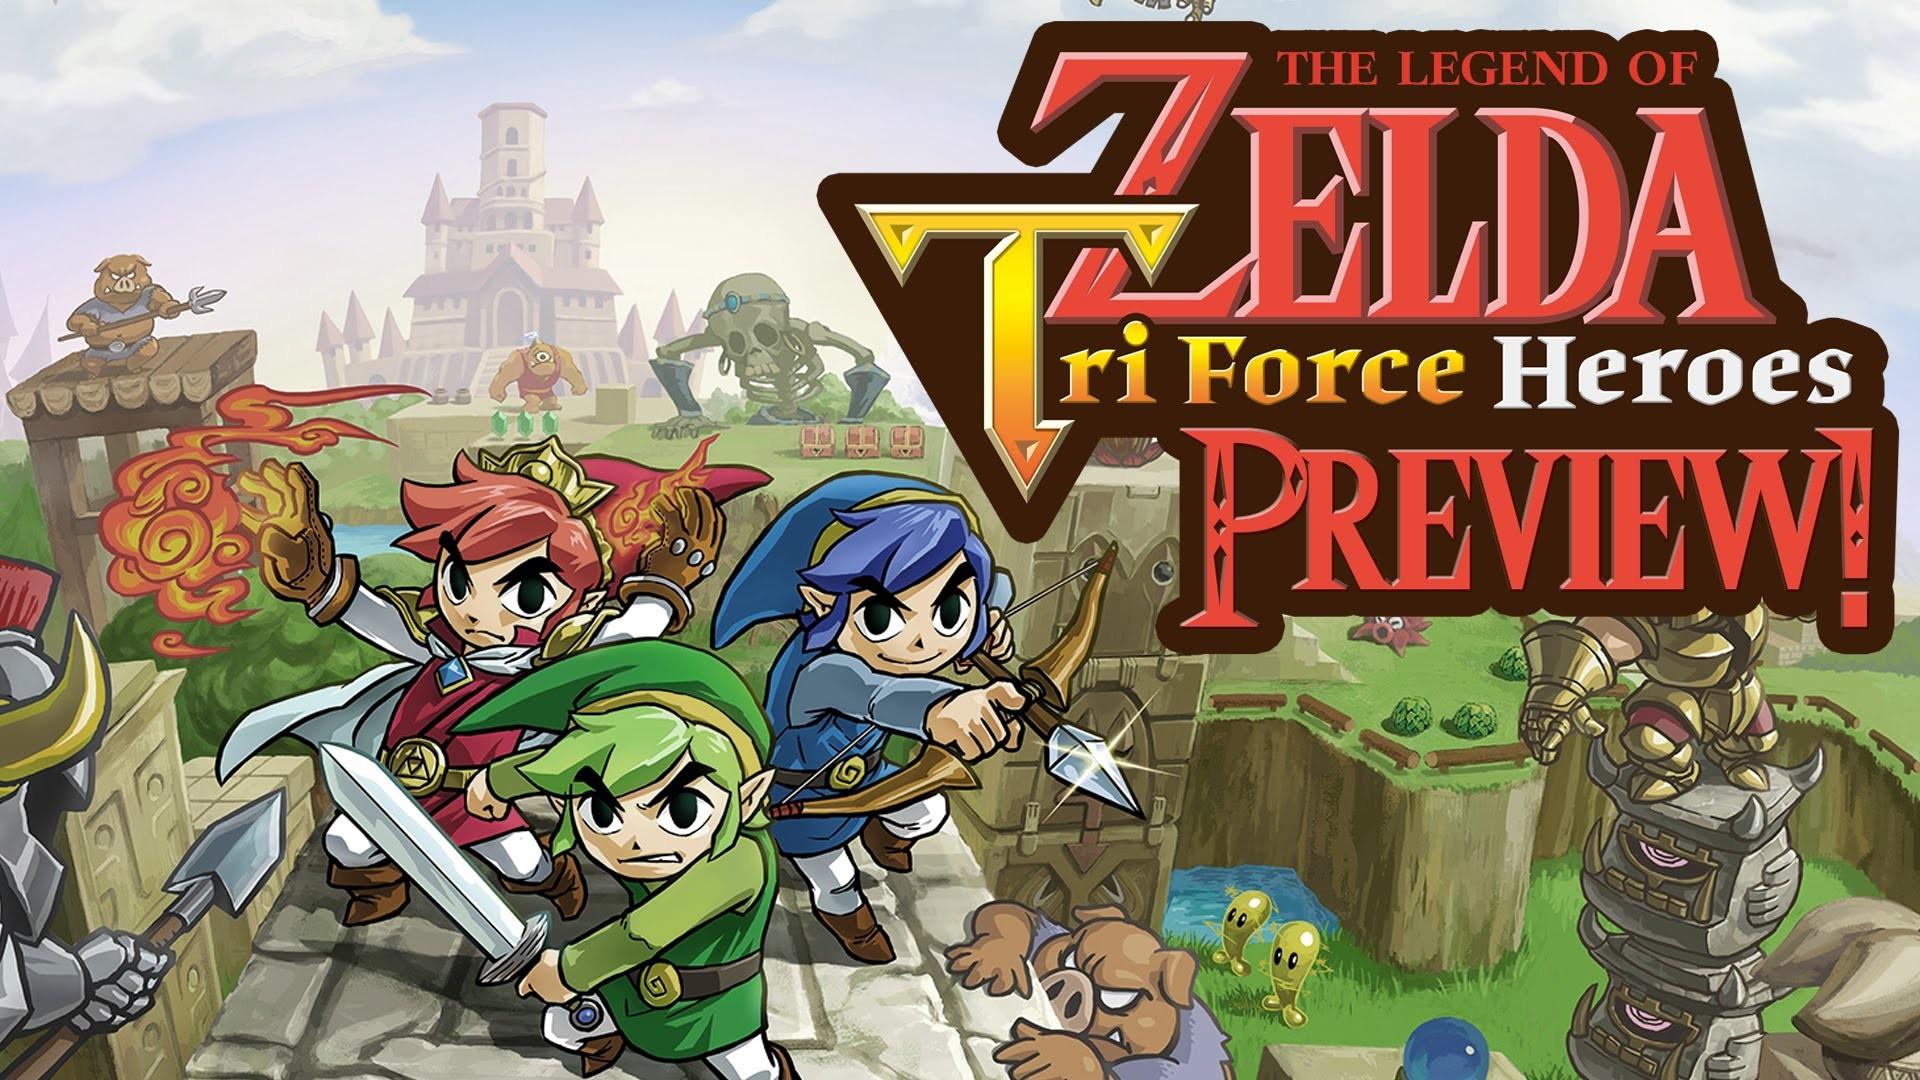 Res: 1920x1080, The Legend of Zelda Triforce Heroes ☆ Preview ☆ Deutsch German